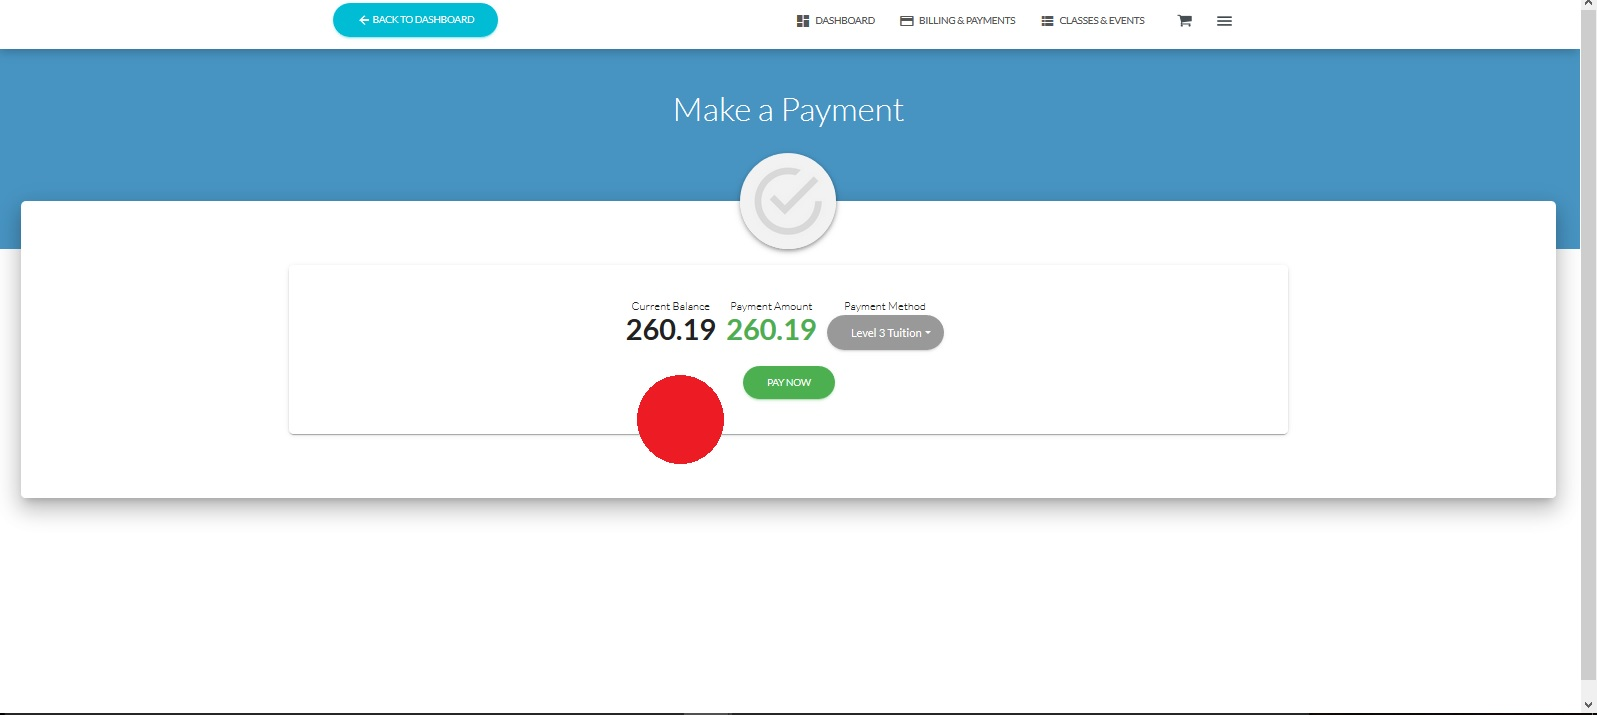 make-a-payment-button2.jpg